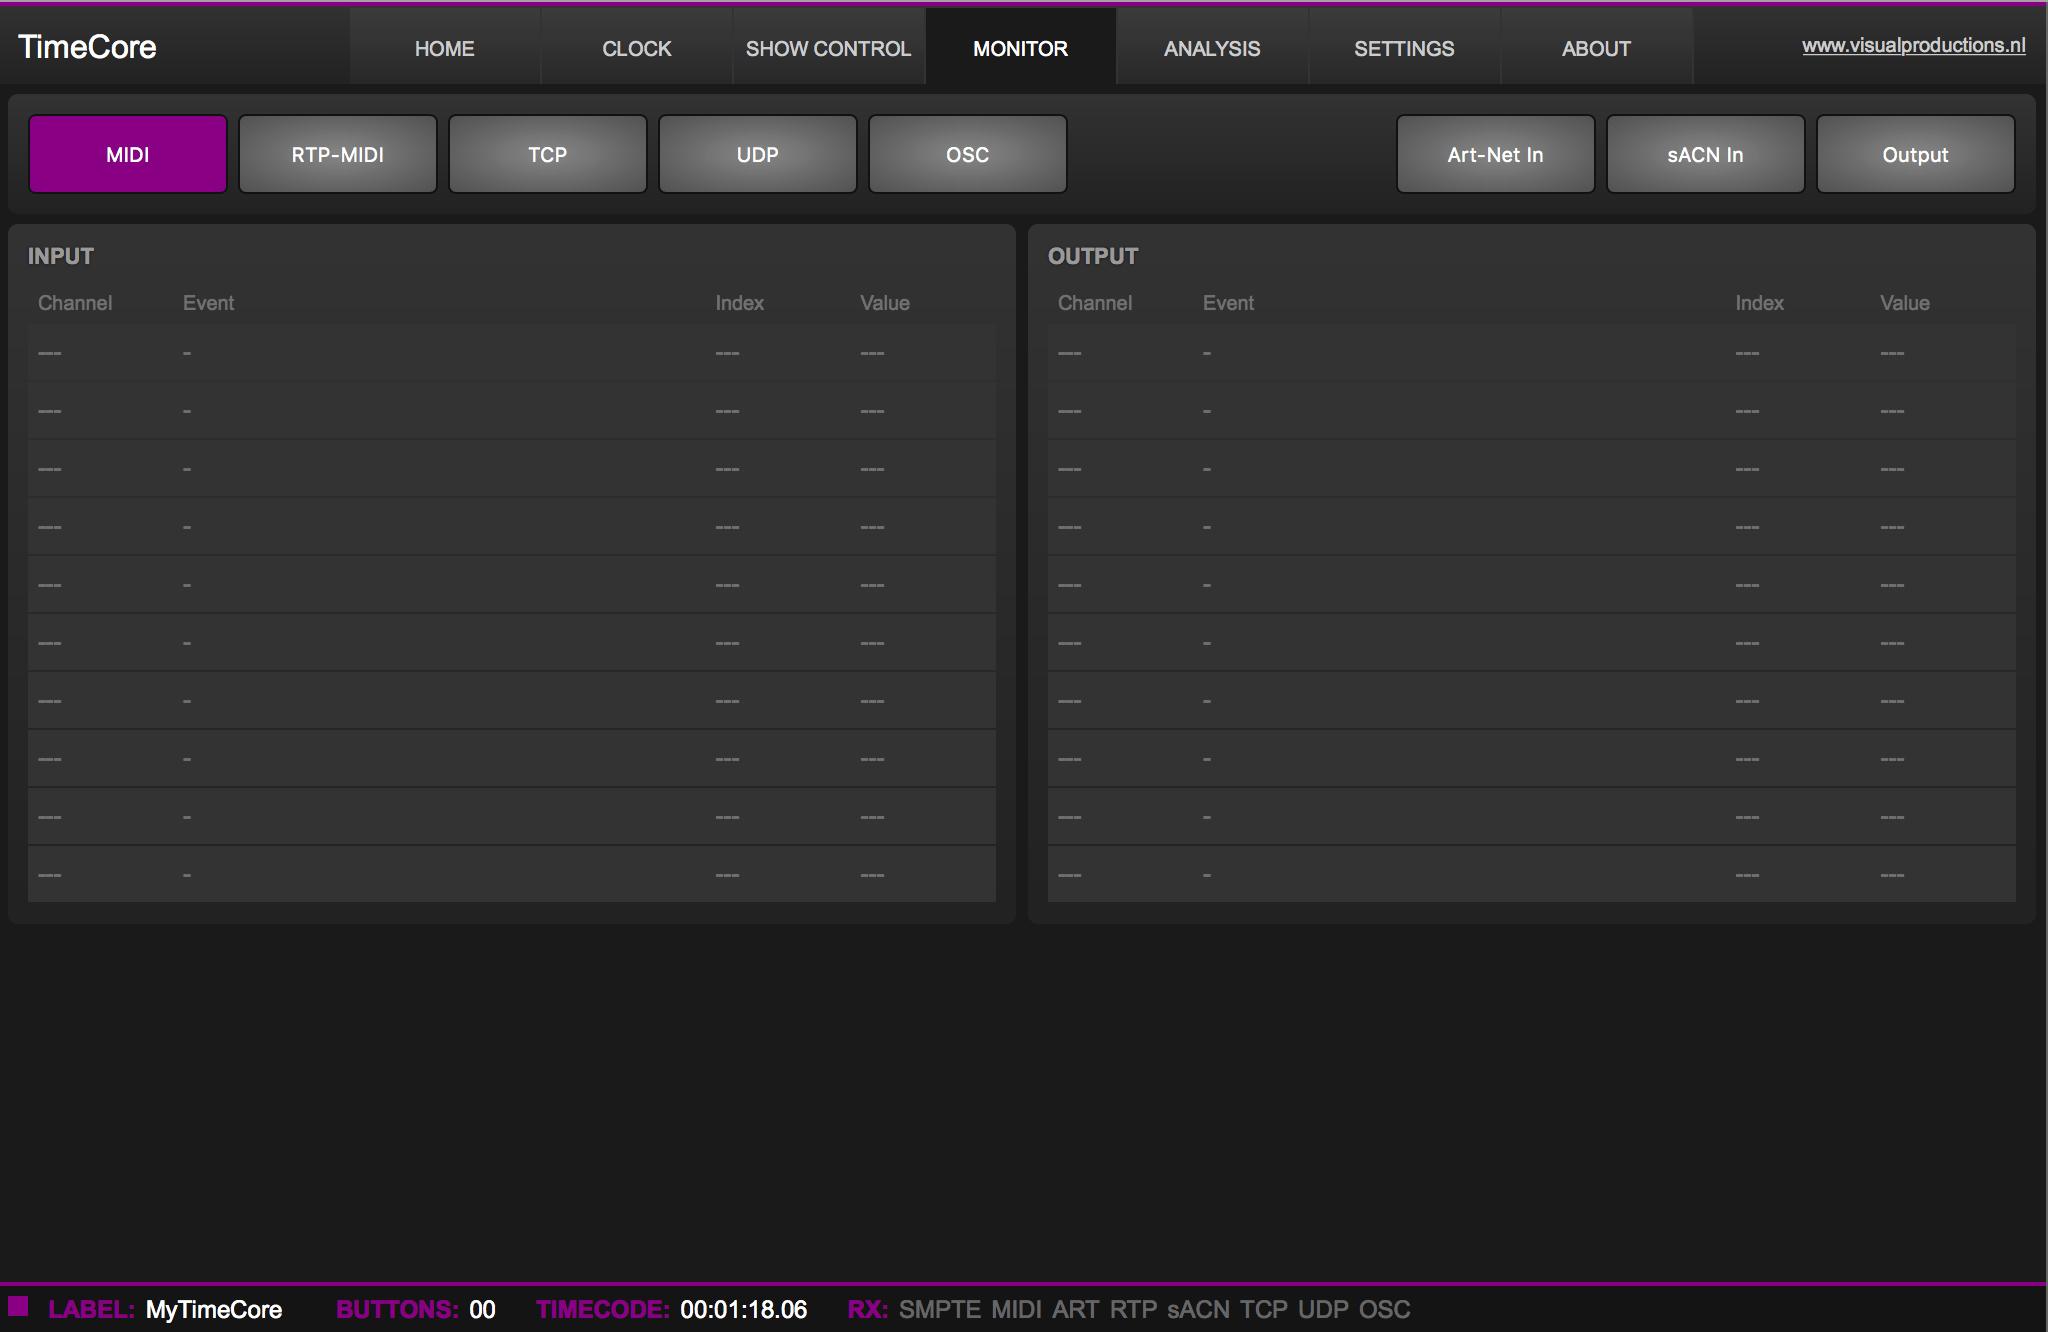 timecore_screenshot_monitors